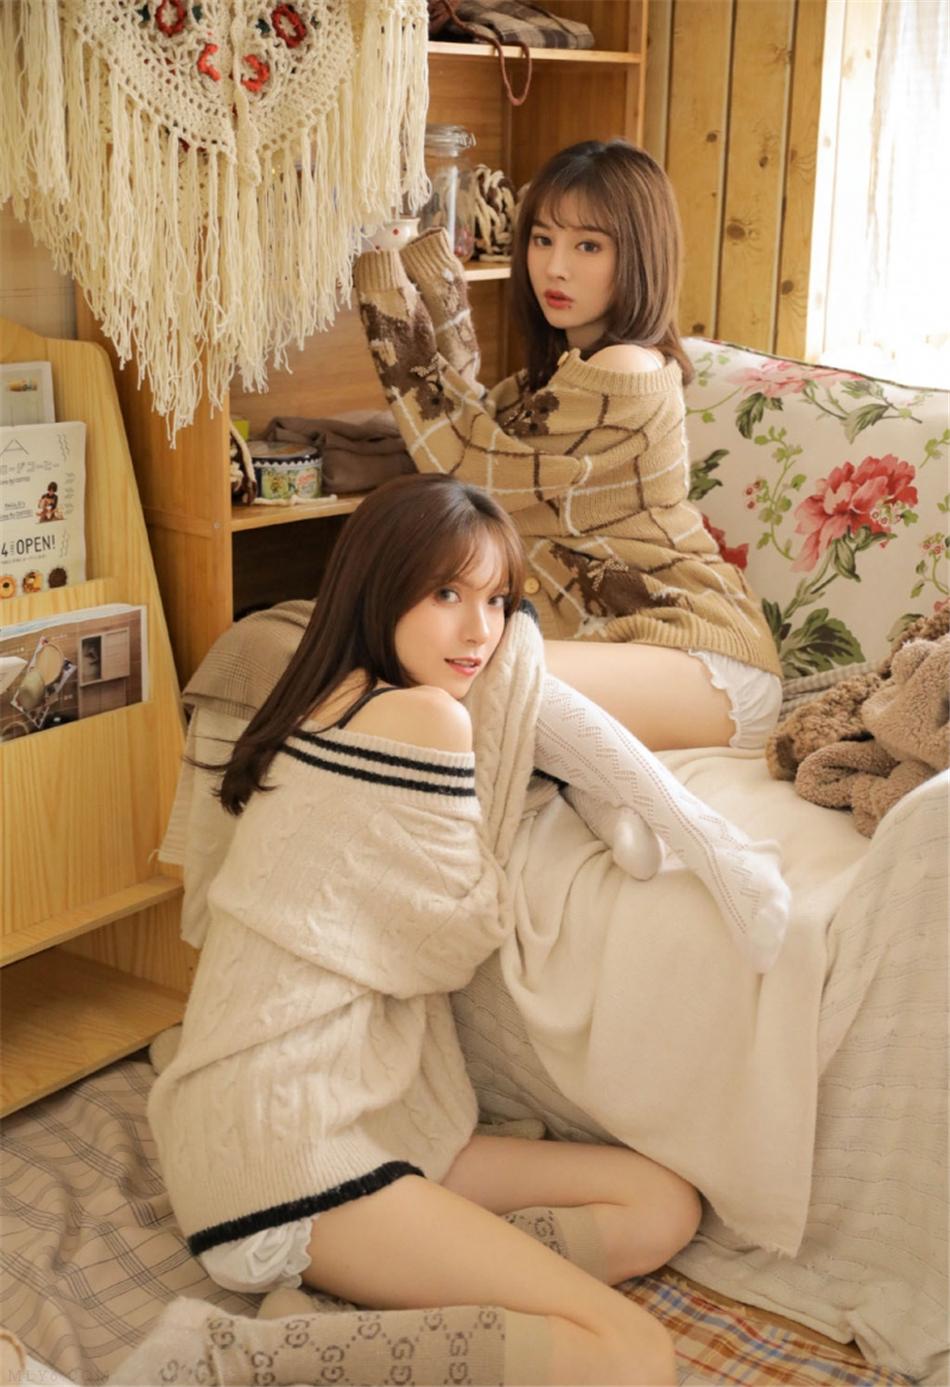 大长腿美女姐妹花室内个人写真